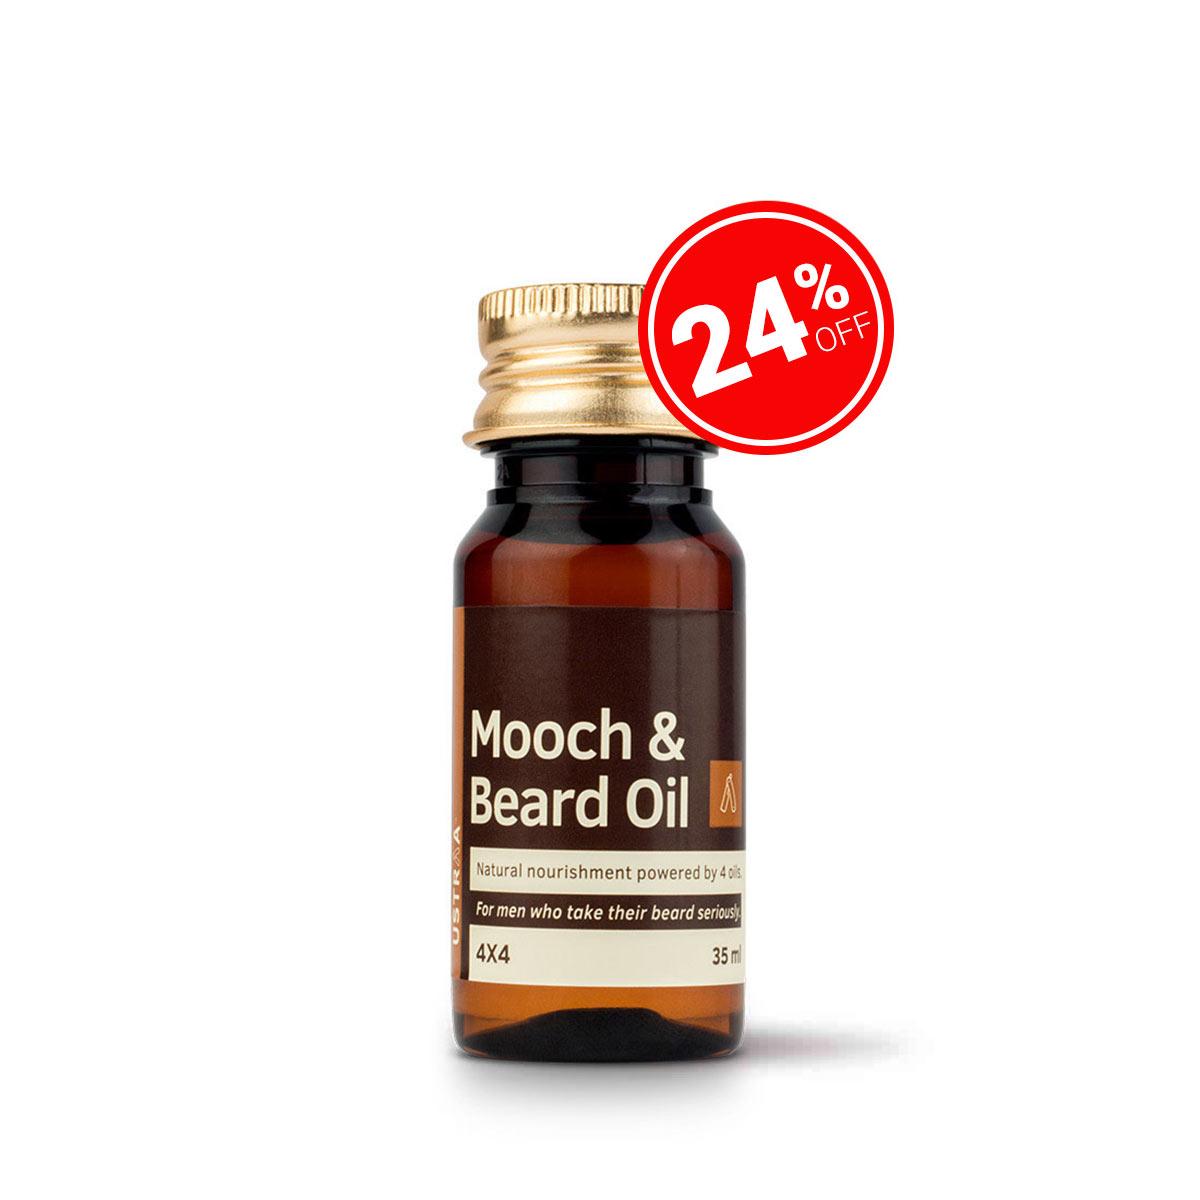 Beard & Mooch Oil 4x4